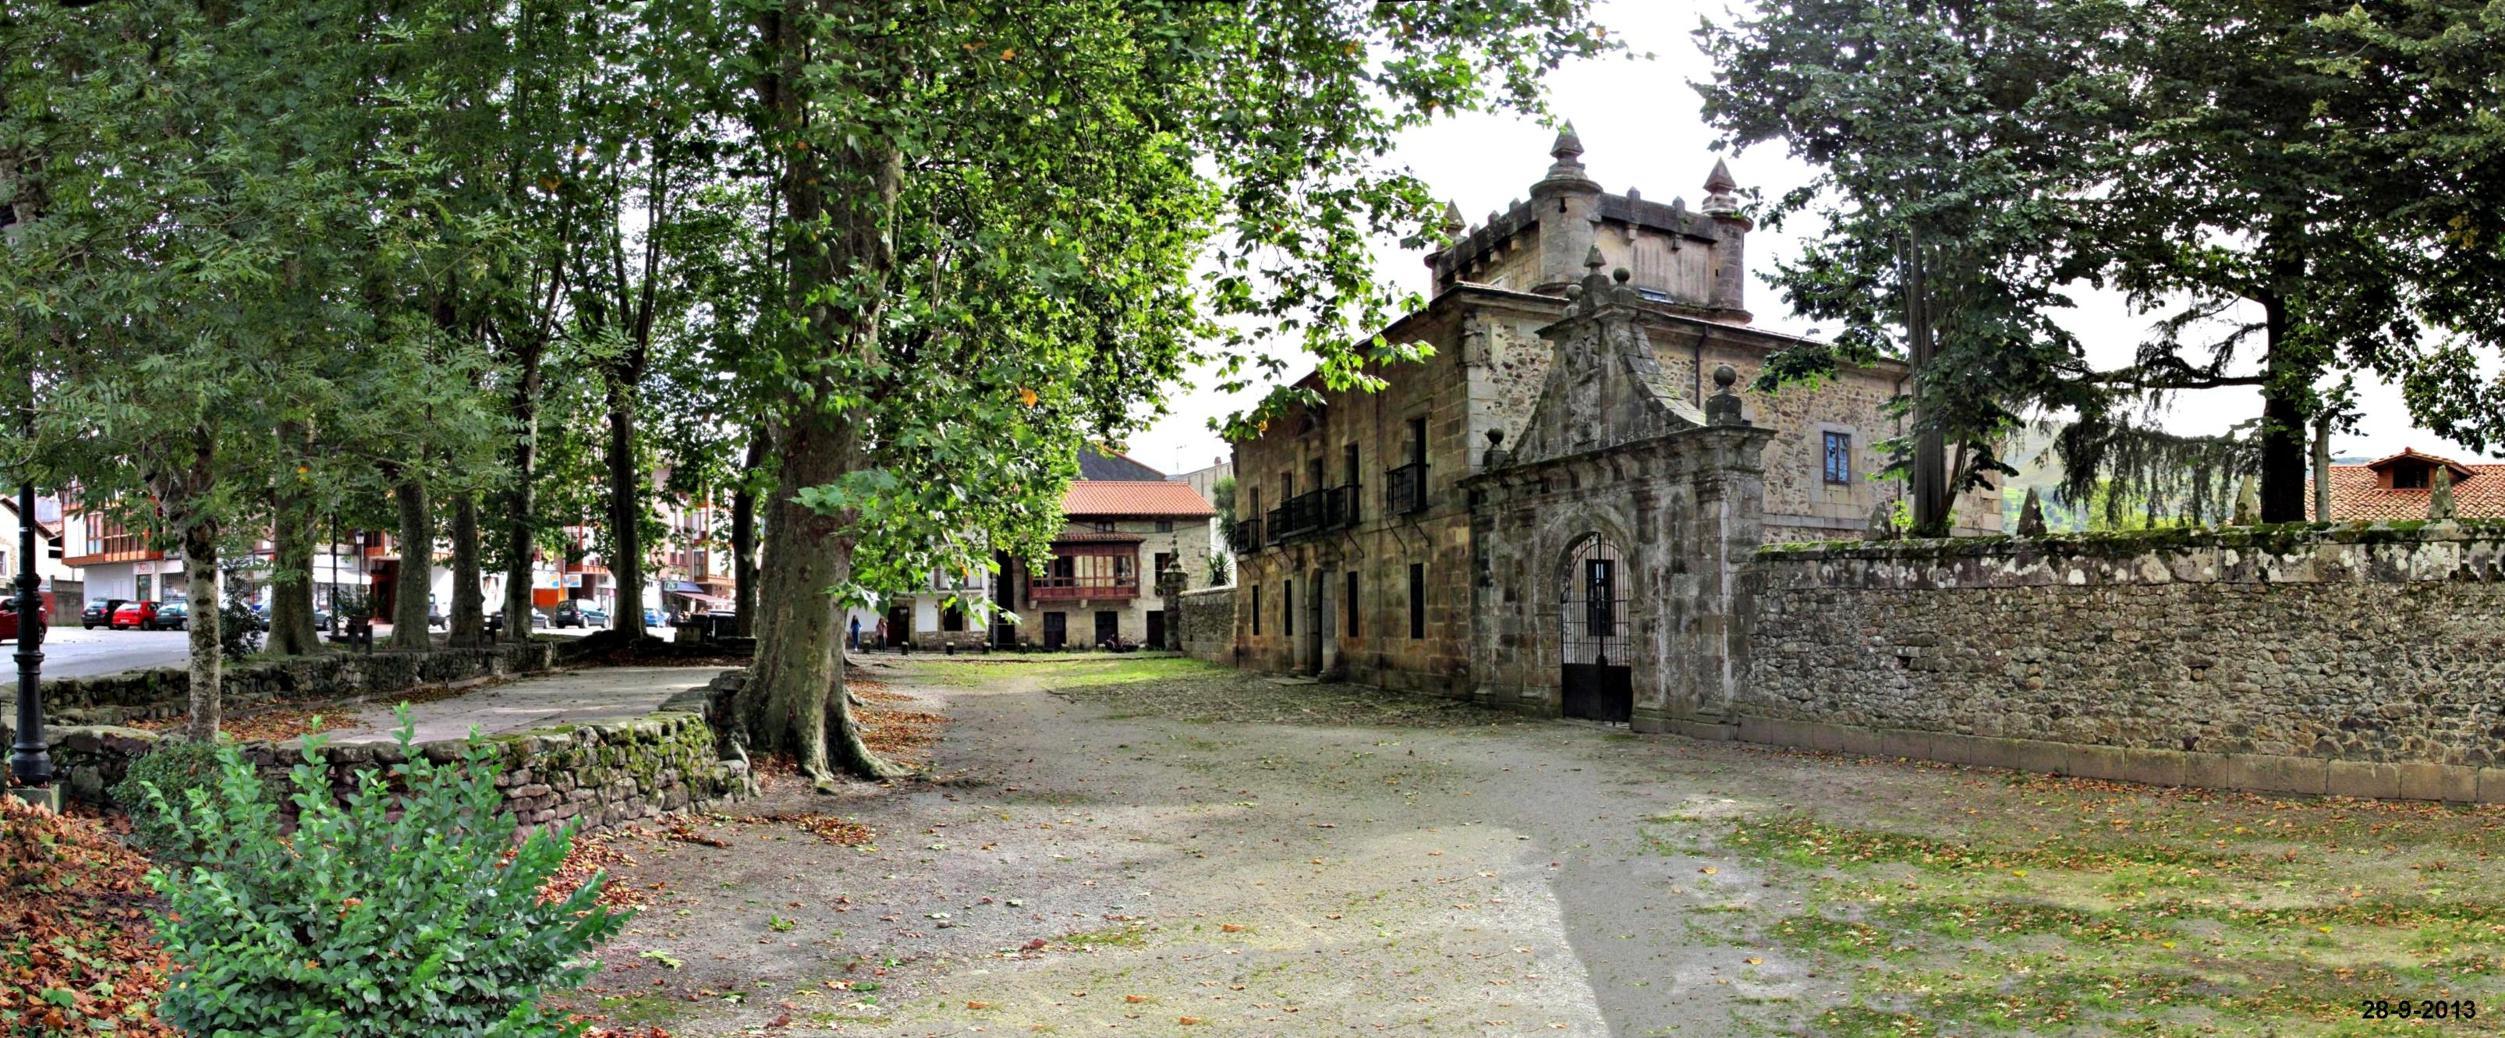 La vieja bolera en selaya fotos de pueblos de cantabria - Casas de pueblo en cantabria ...